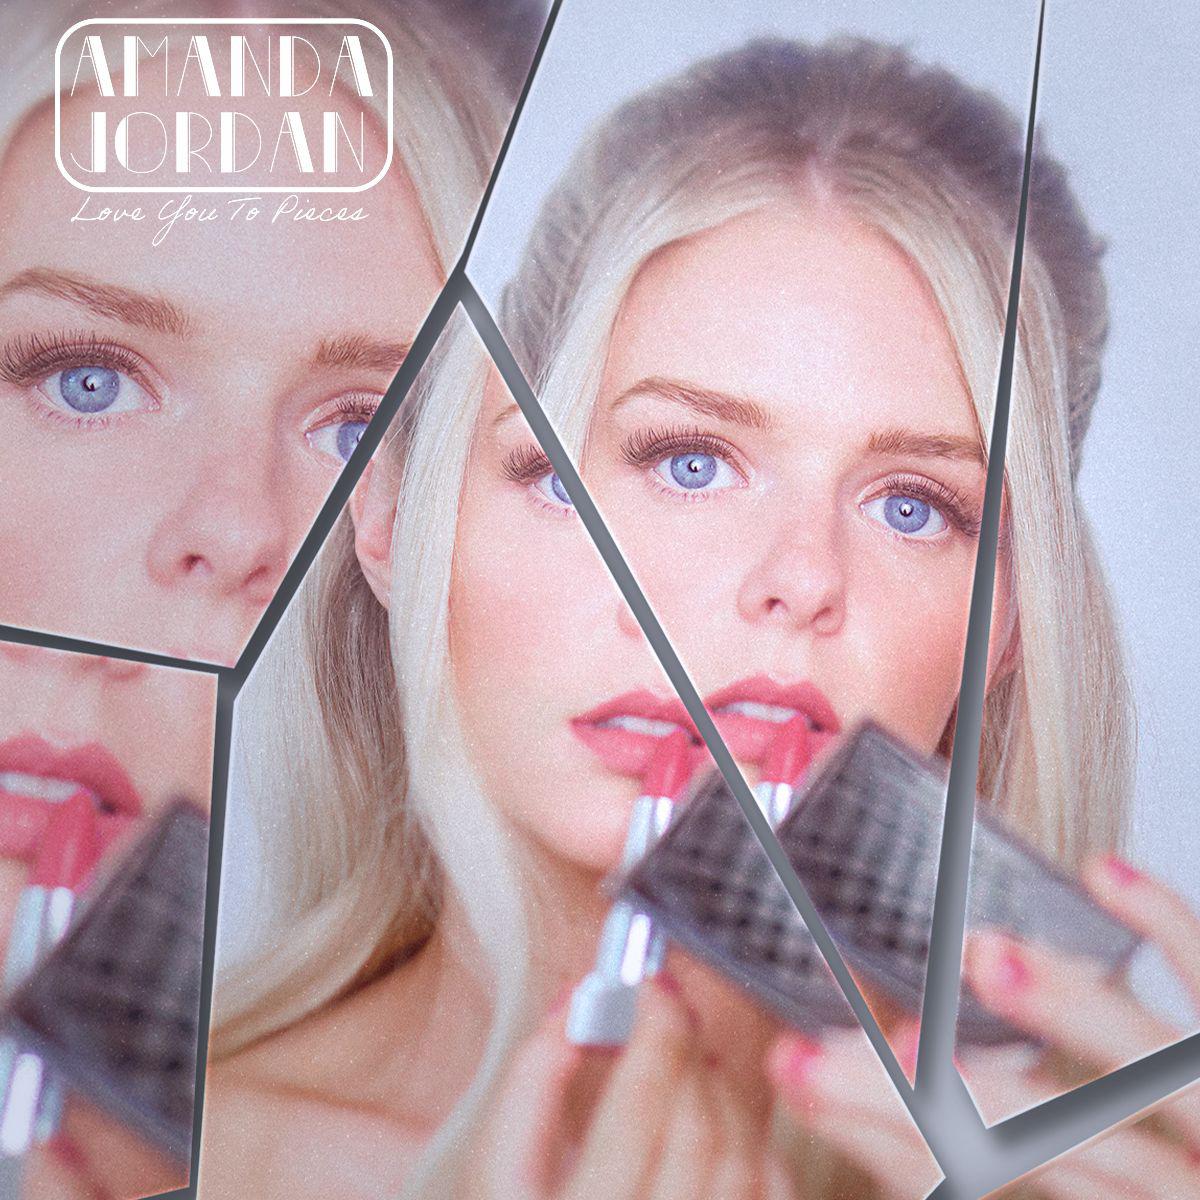 Amanda Jordan - Love You To Pieces